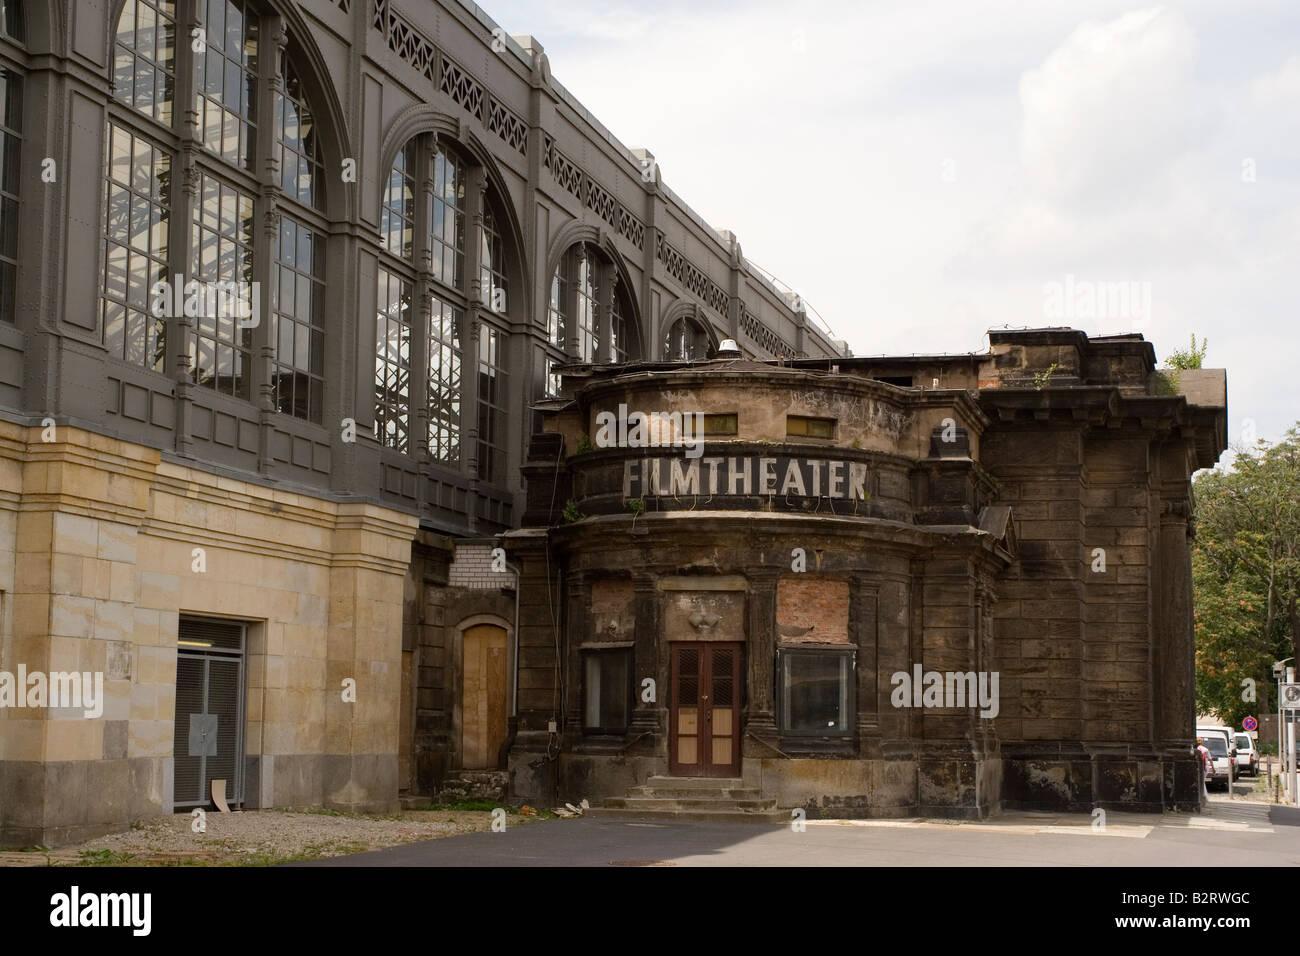 La façade d'un cinéma à Dresde. Le cinéma est situé à côté de la gare Photo Stock